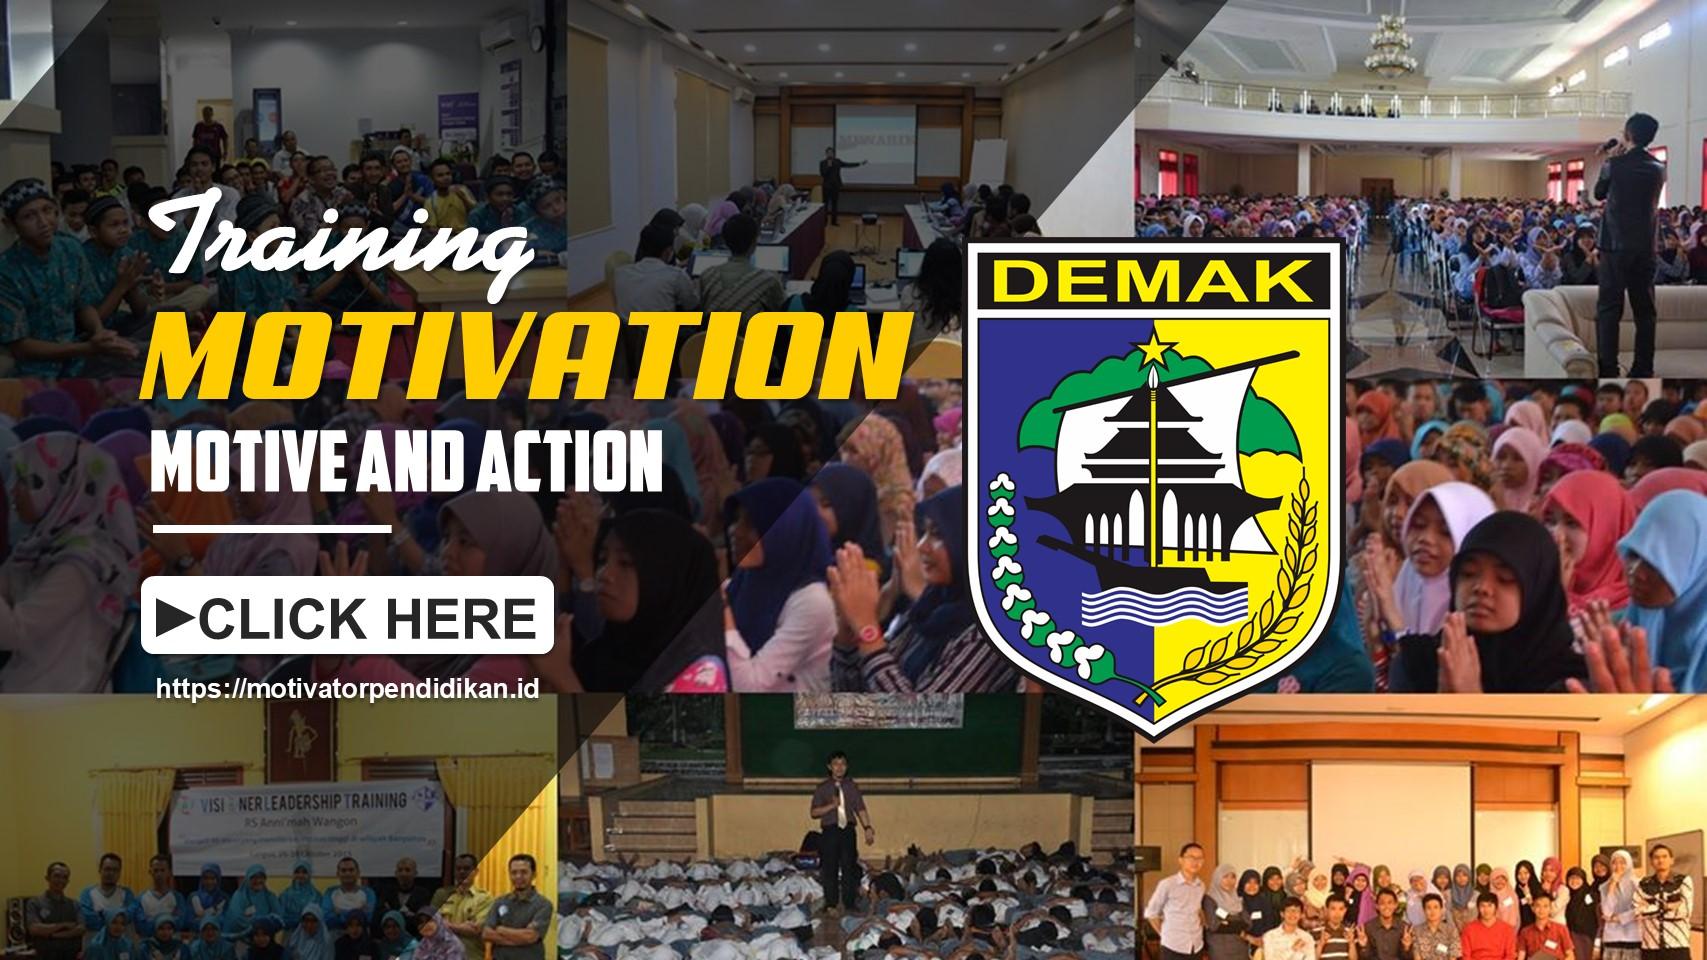 Motivator di Demak